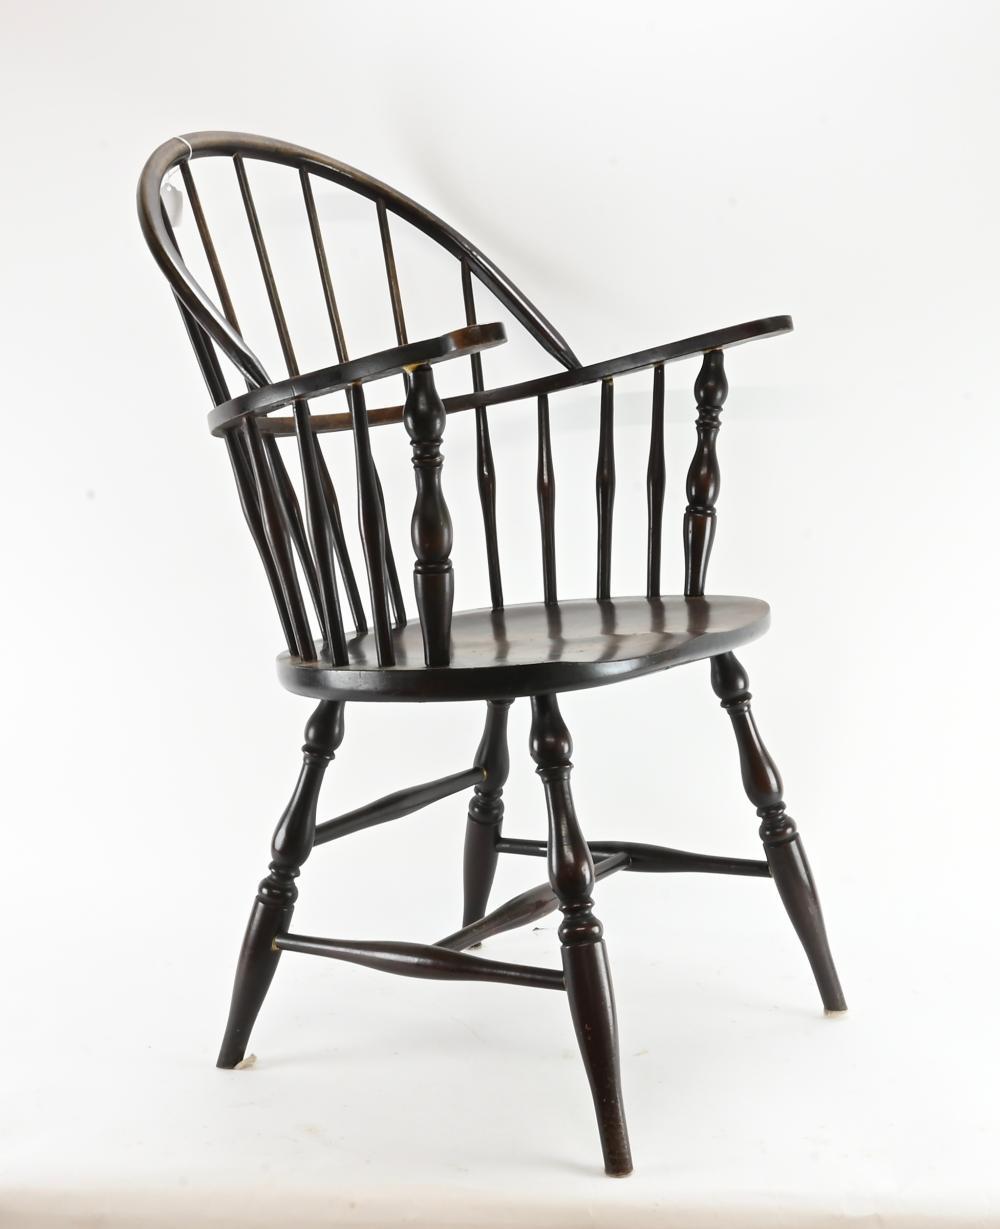 Vintage American Windsor Style Armchair